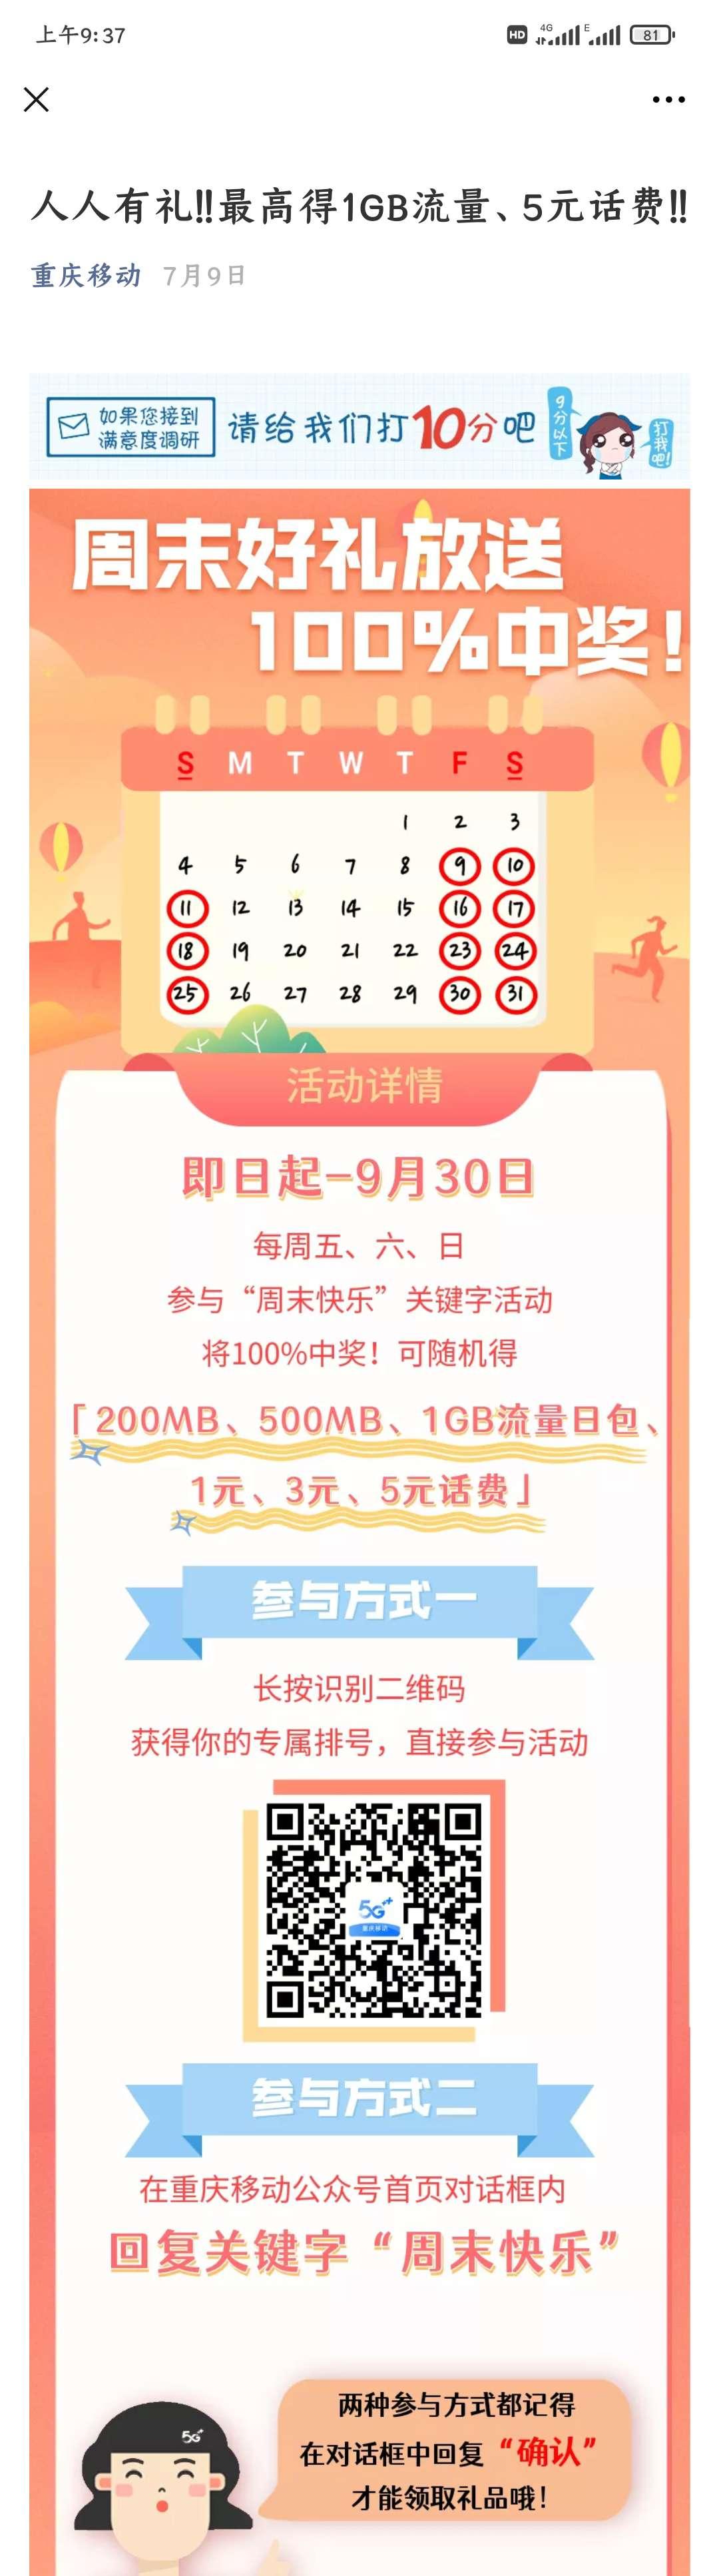 【通话费流量】重庆移动公共编号周末礼节通话费流量插图